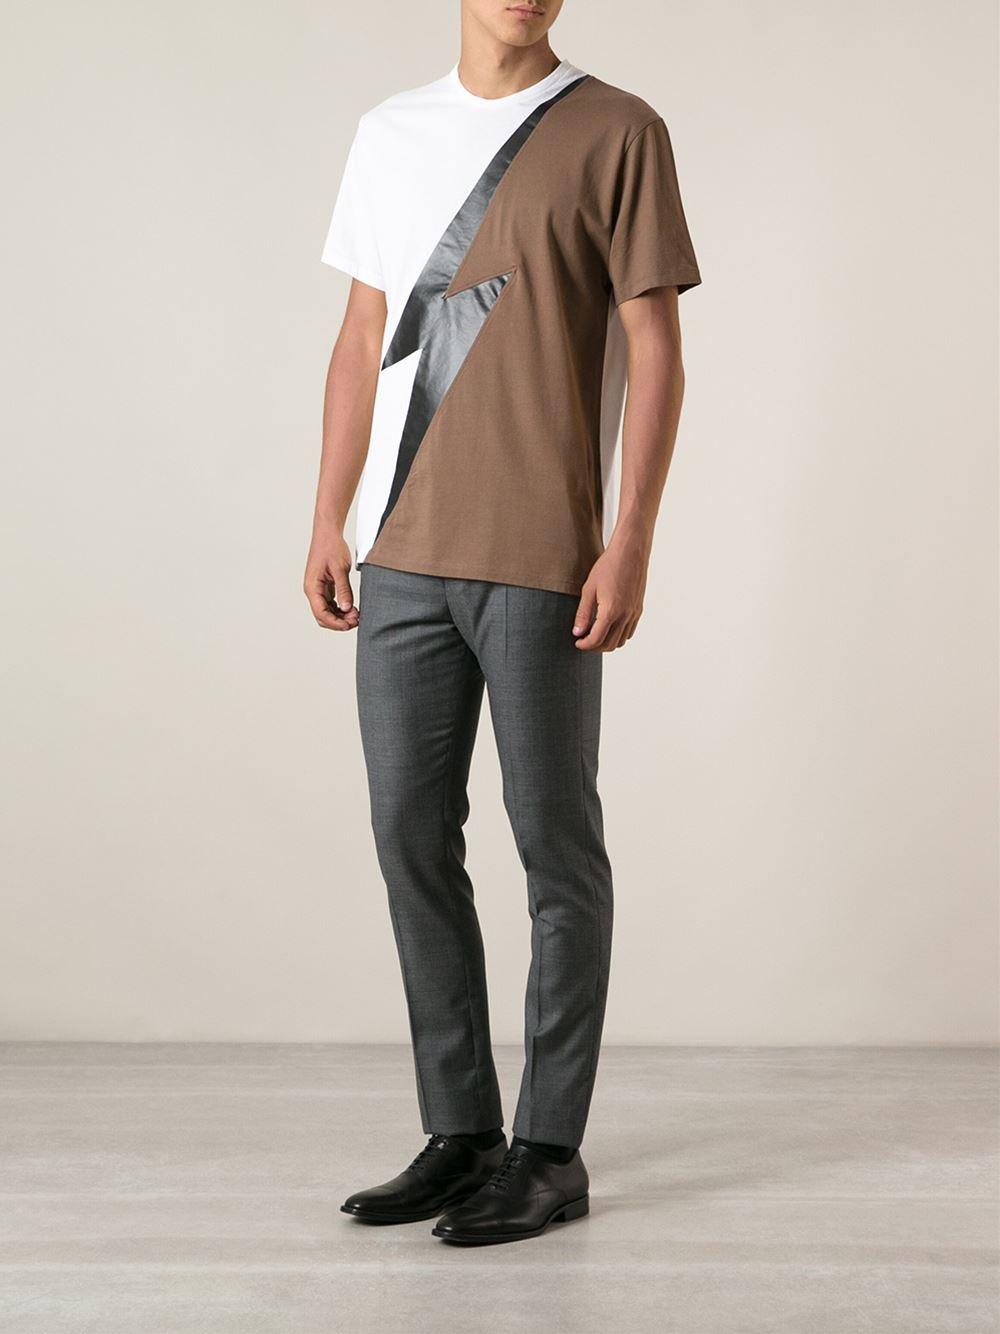 Lyst Neil Barrett Lightning Bolt Tshirt In Brown For Men